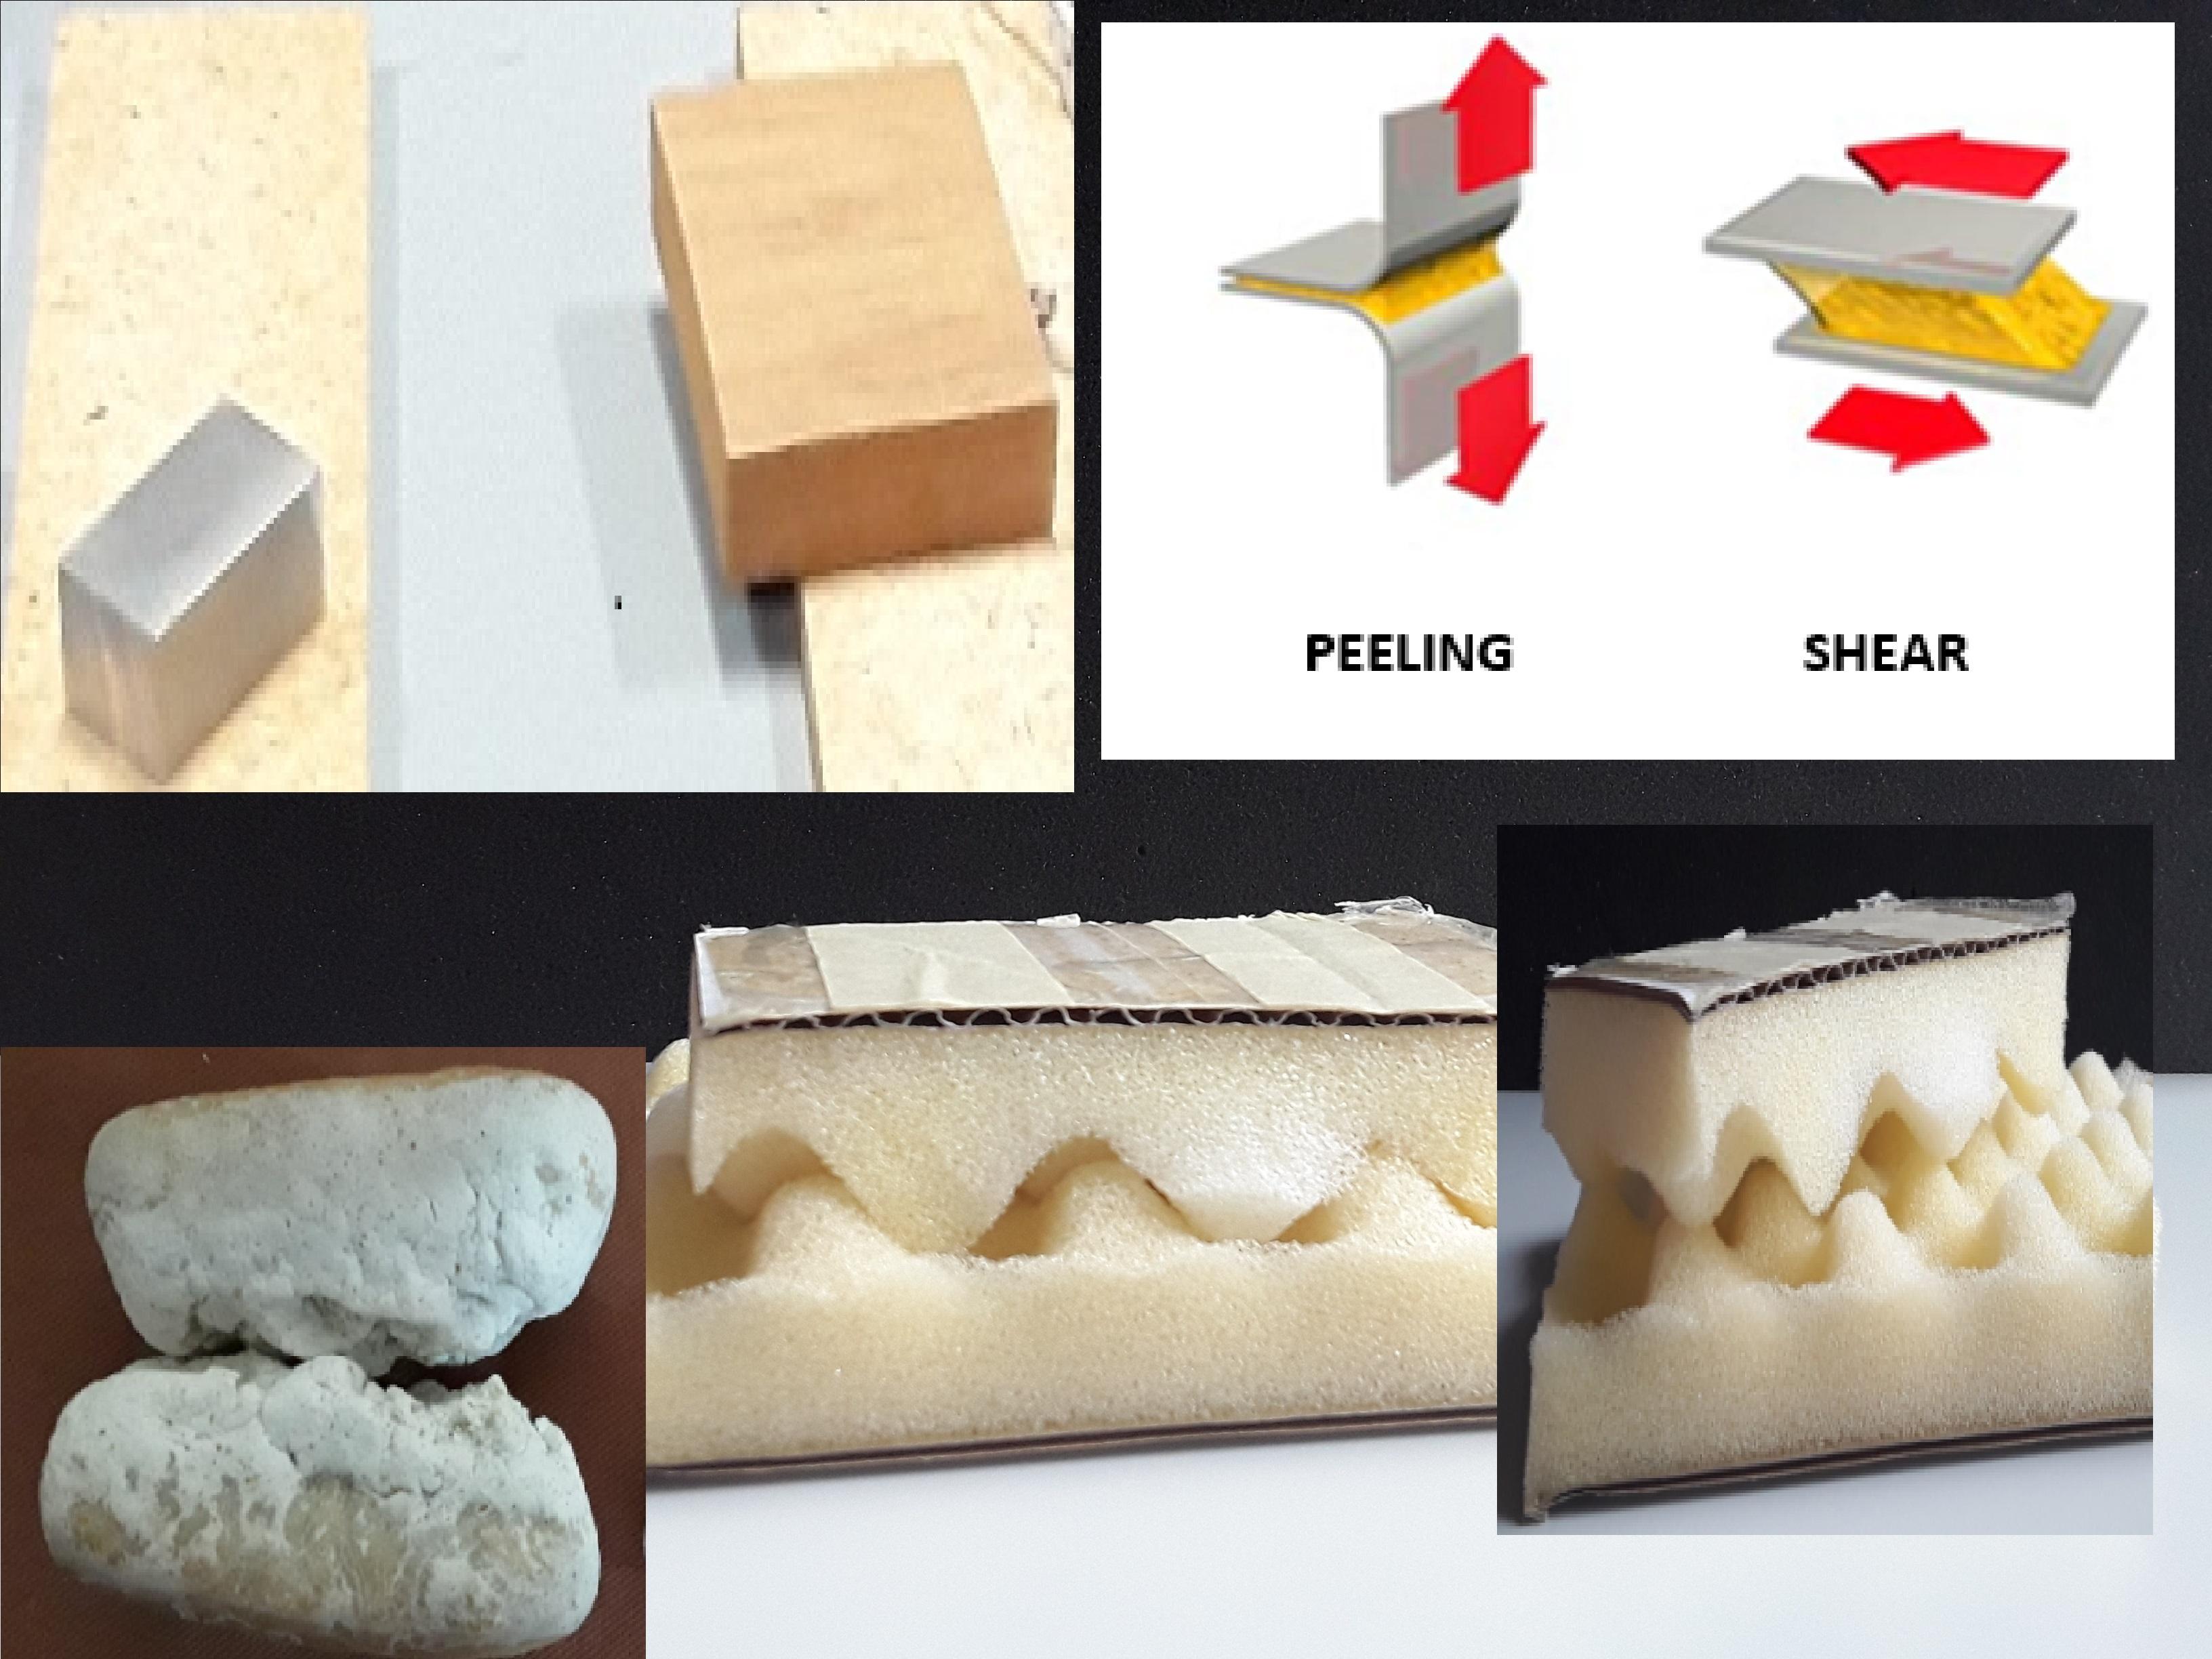 Adesione macroscopica su diversi materiali e superfici di contatto fra materiali solidi